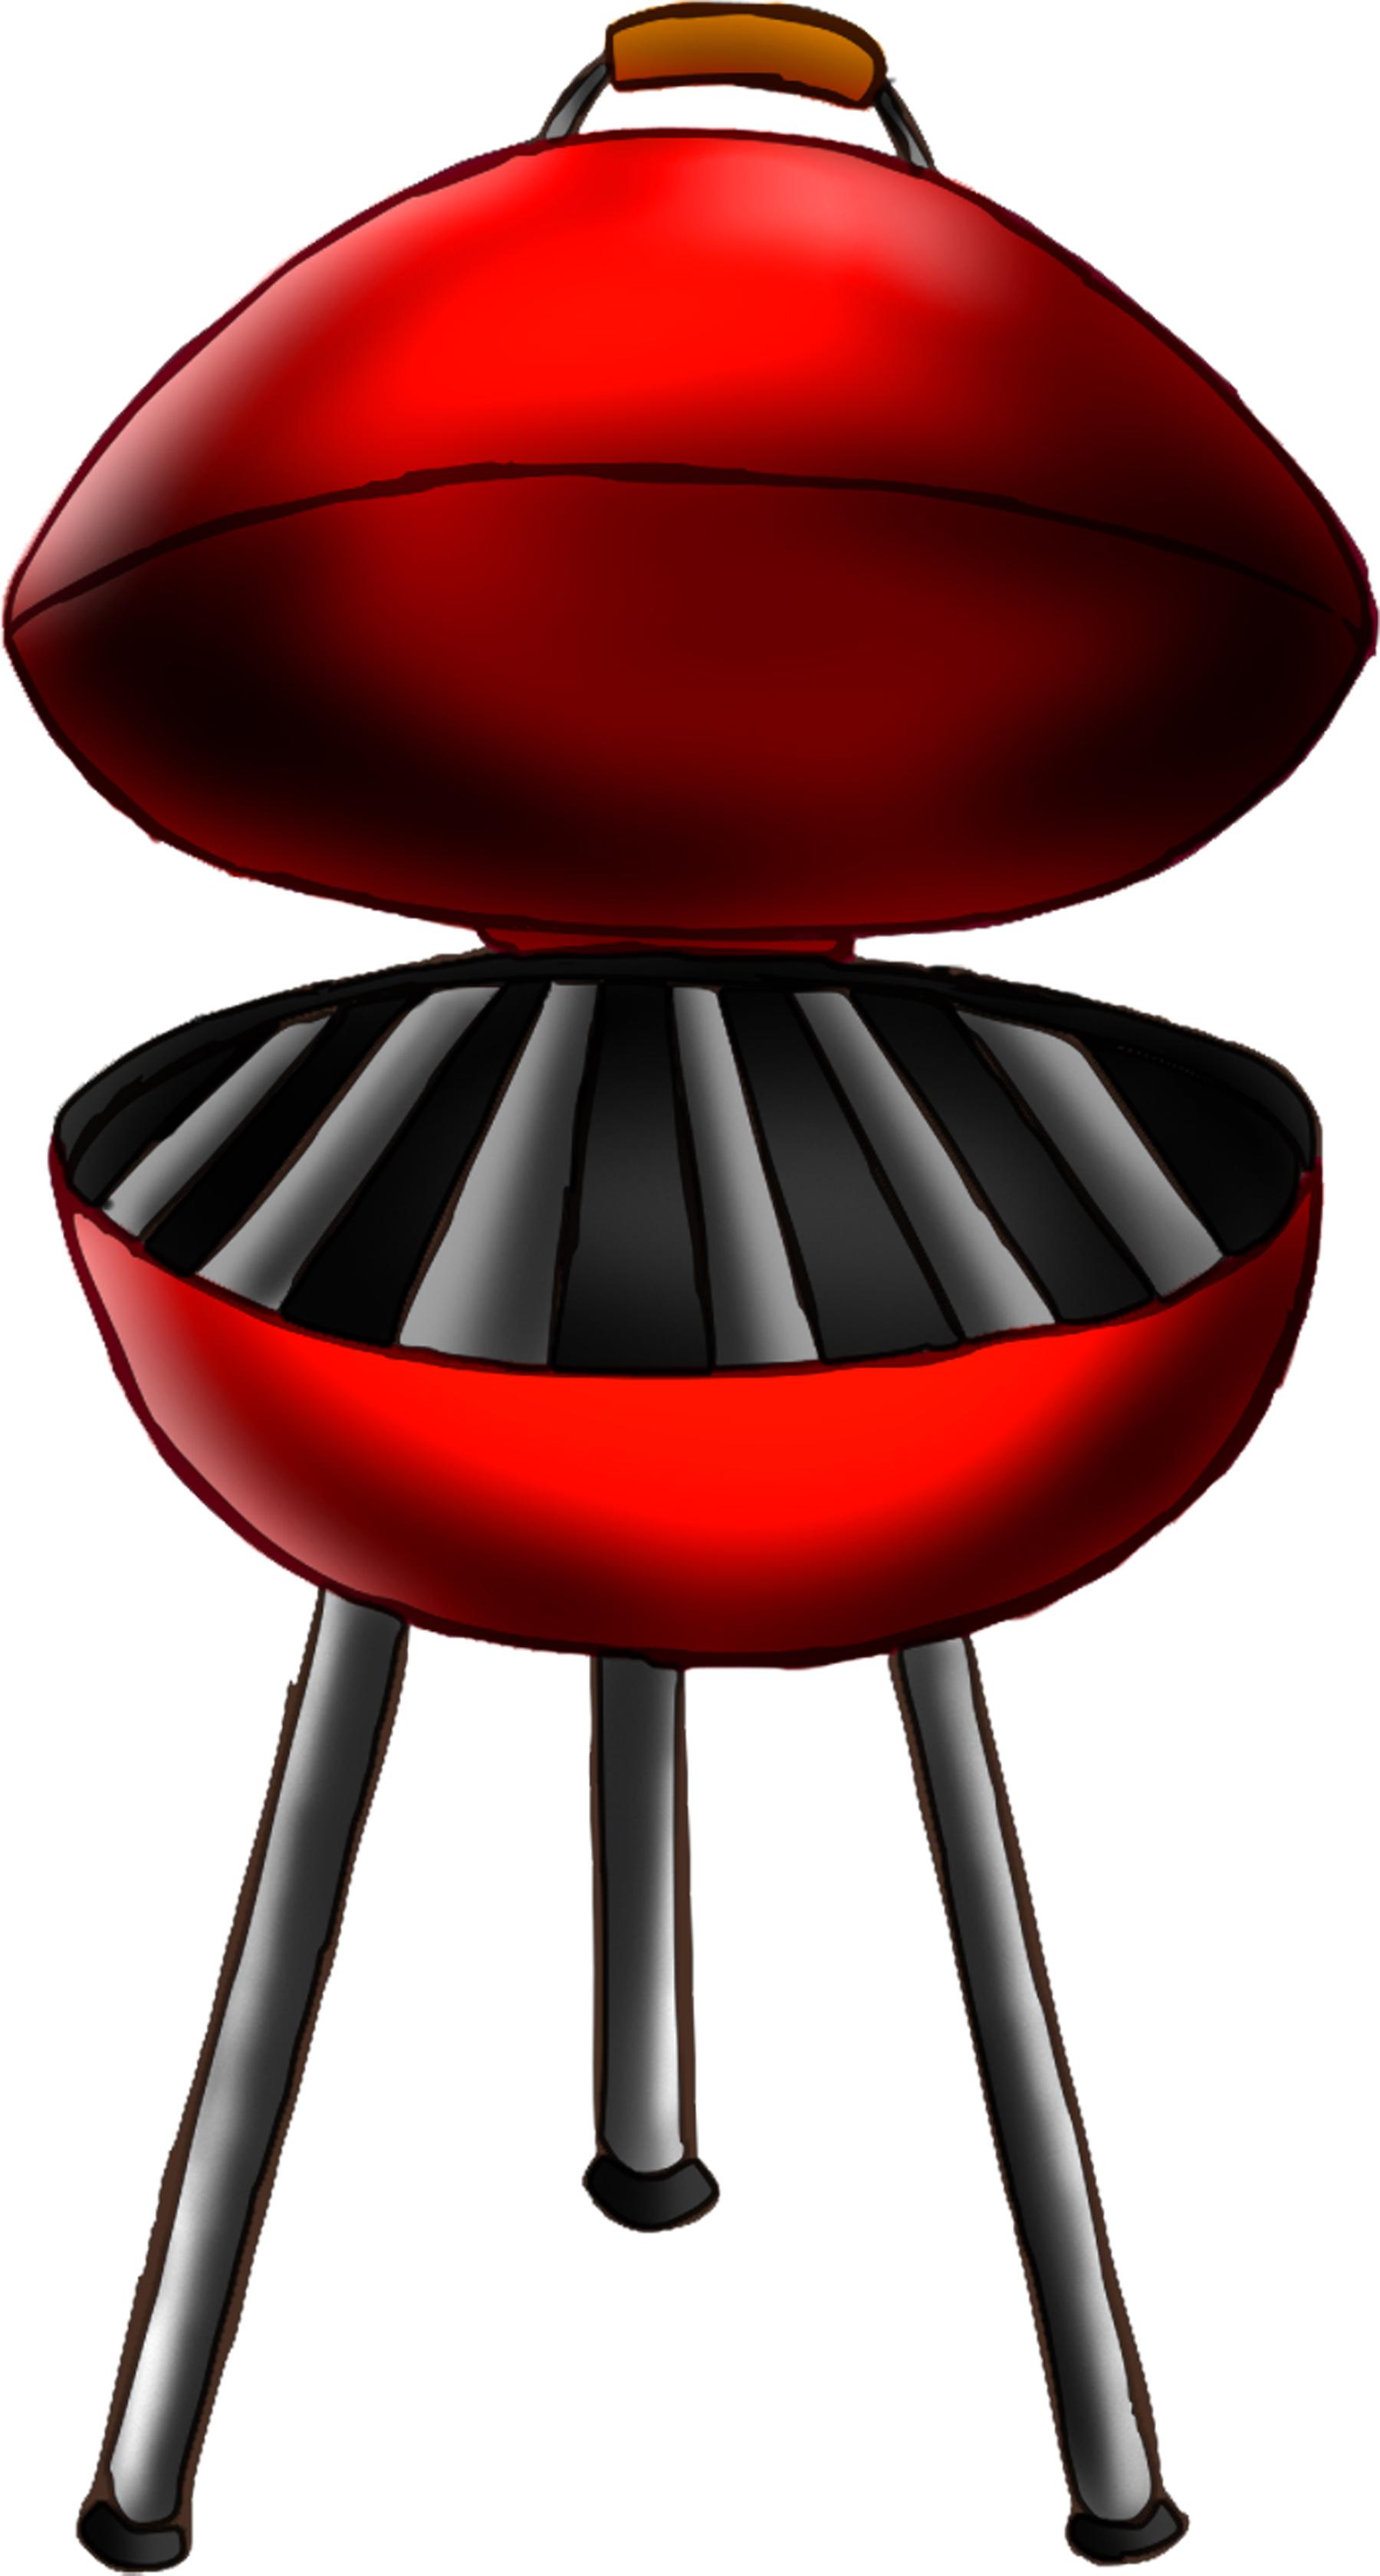 Clip Art Bbq Grill Clipart bbq grill clip art gclipart com art